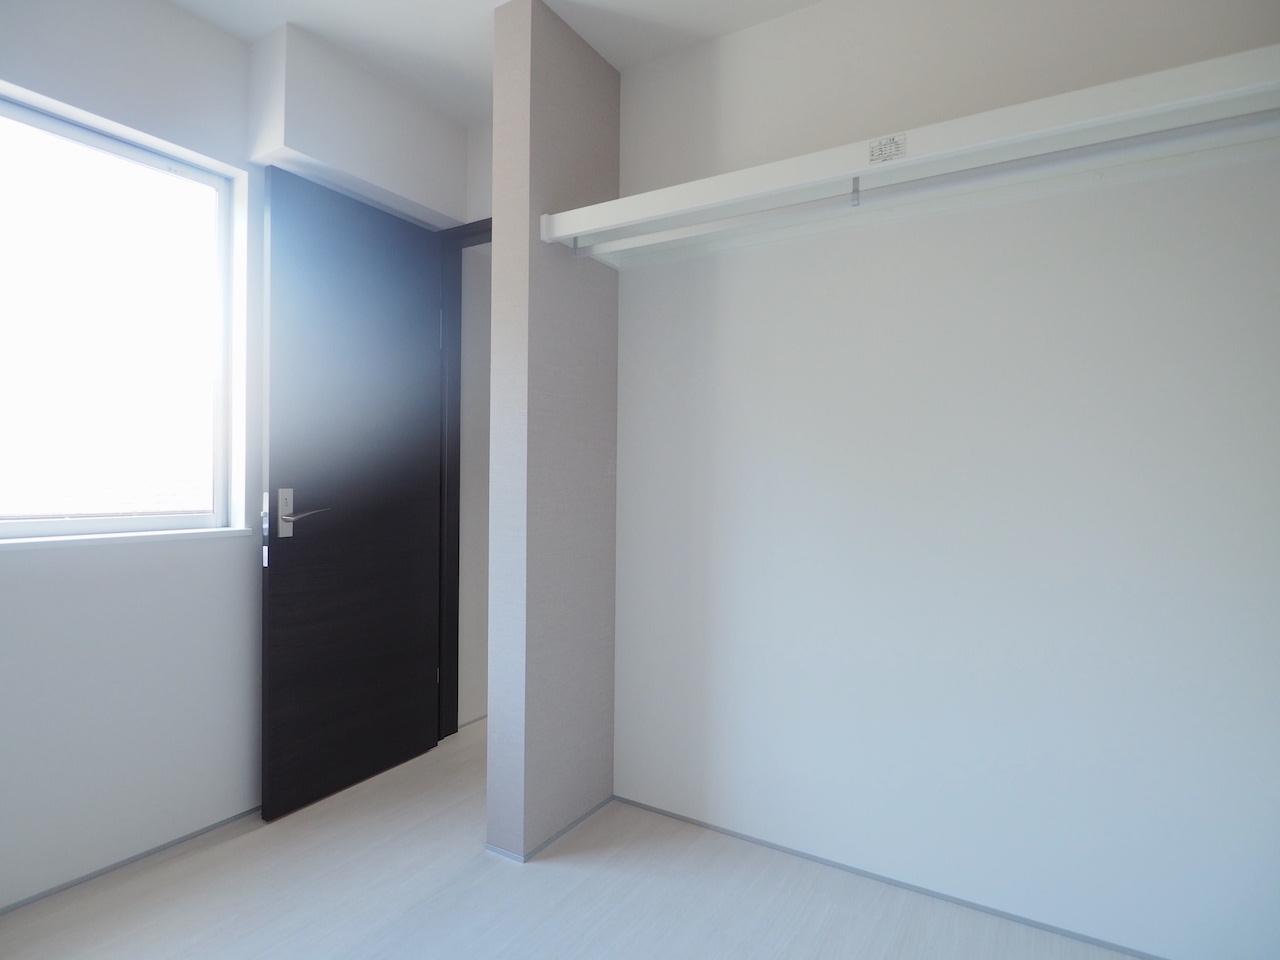 こちらは2階。寝室になるでしょうか。